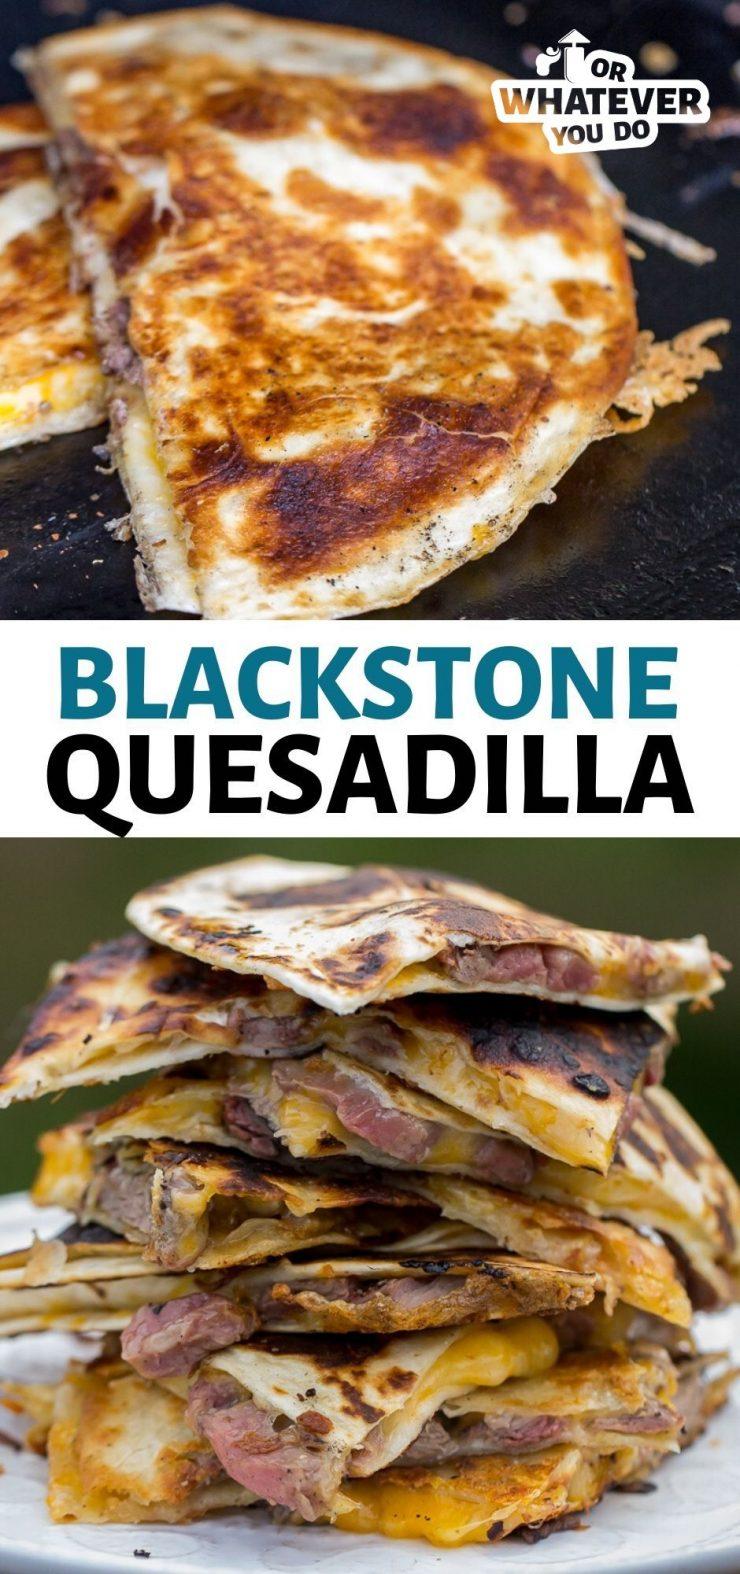 Blackstone Steak Quesadillas